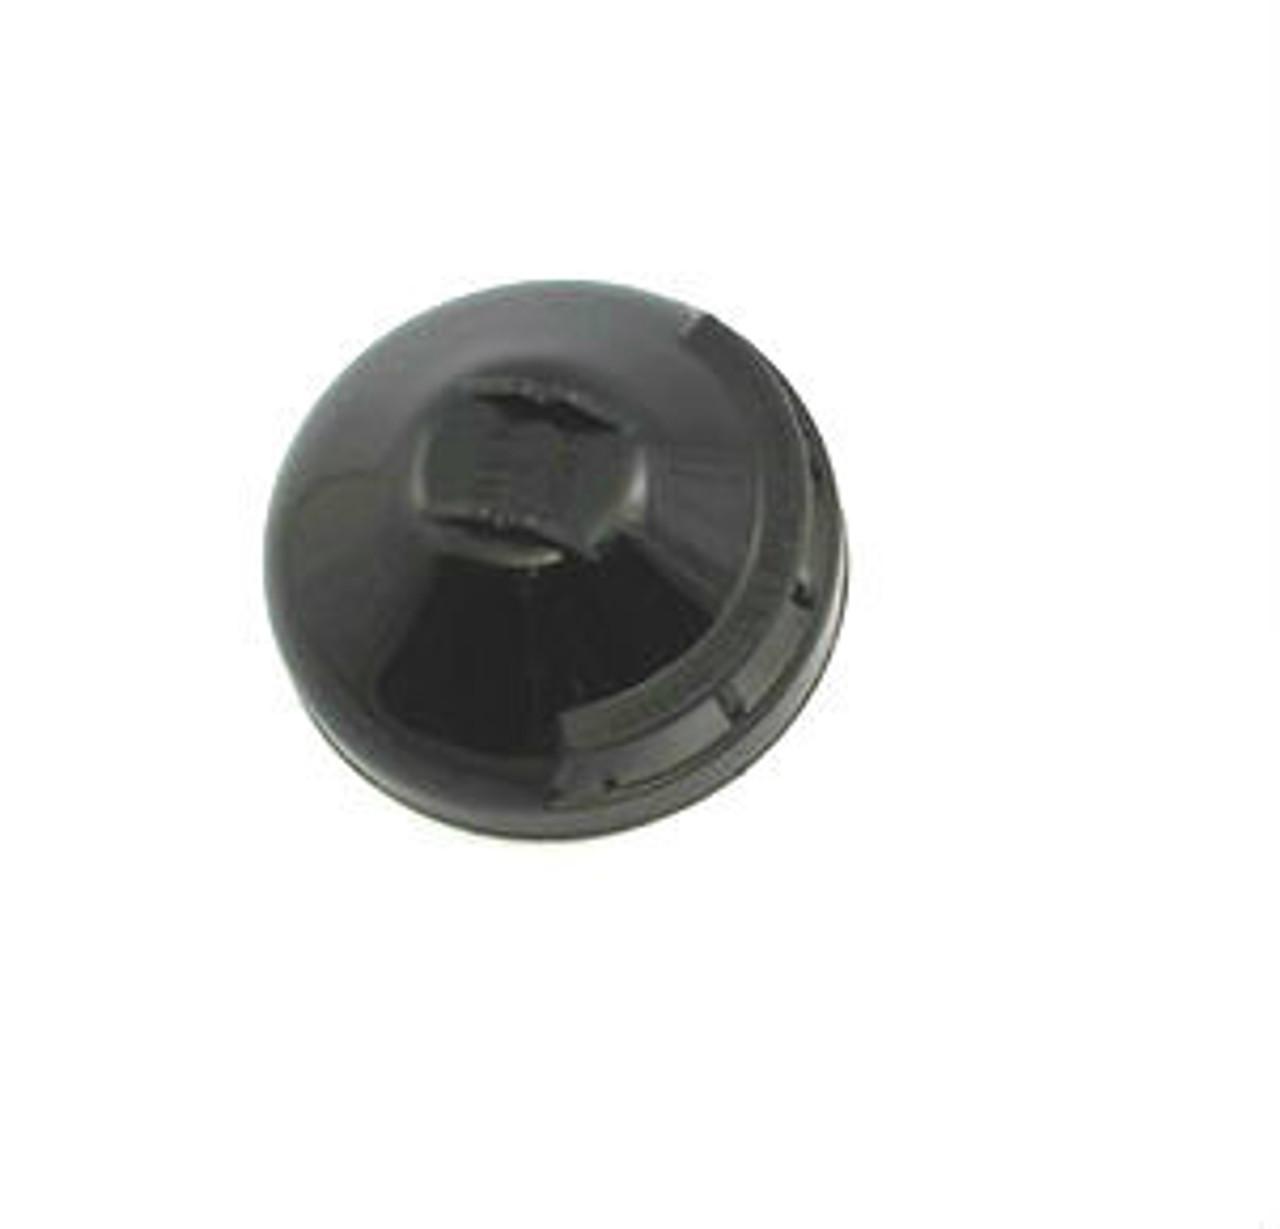 Dellorto SHA 14-16mm Carburetor Plastic Air Filter Cover 6183